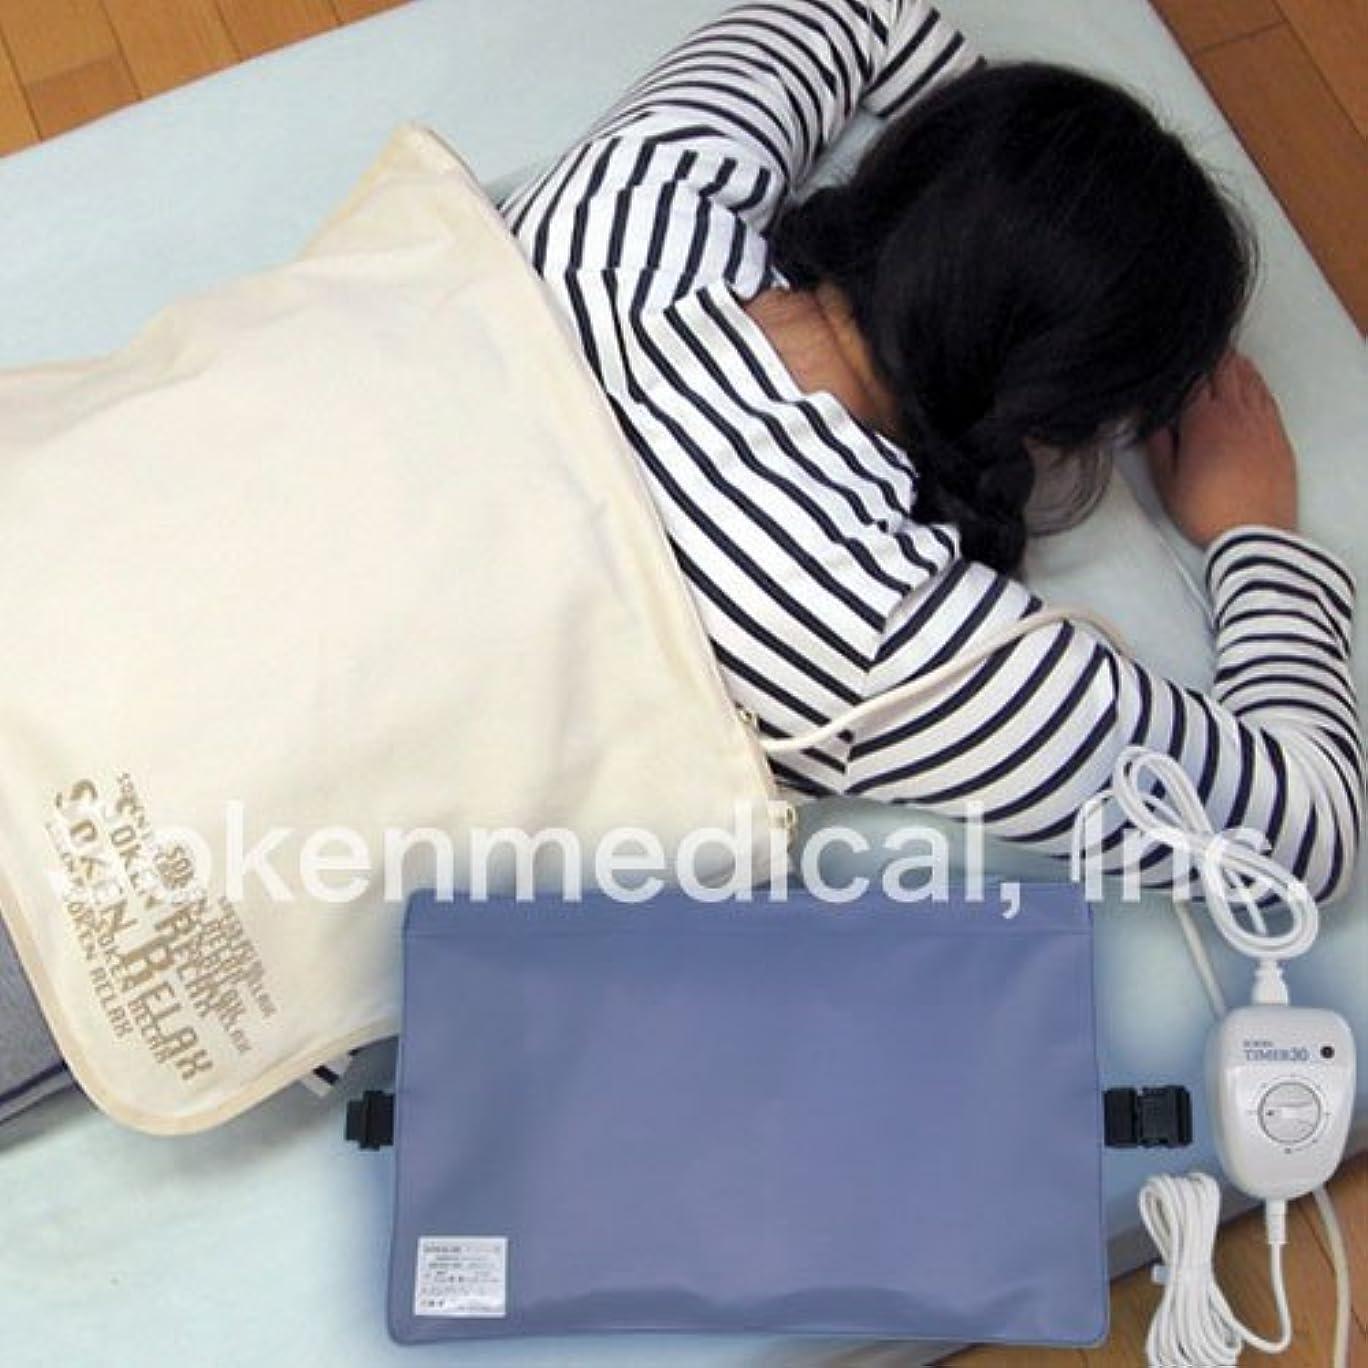 探すこっそり展開する電気磁気治療器「ソーケンリラックス」60Hz 血流を良くしてコリをほぐす効果抜群!